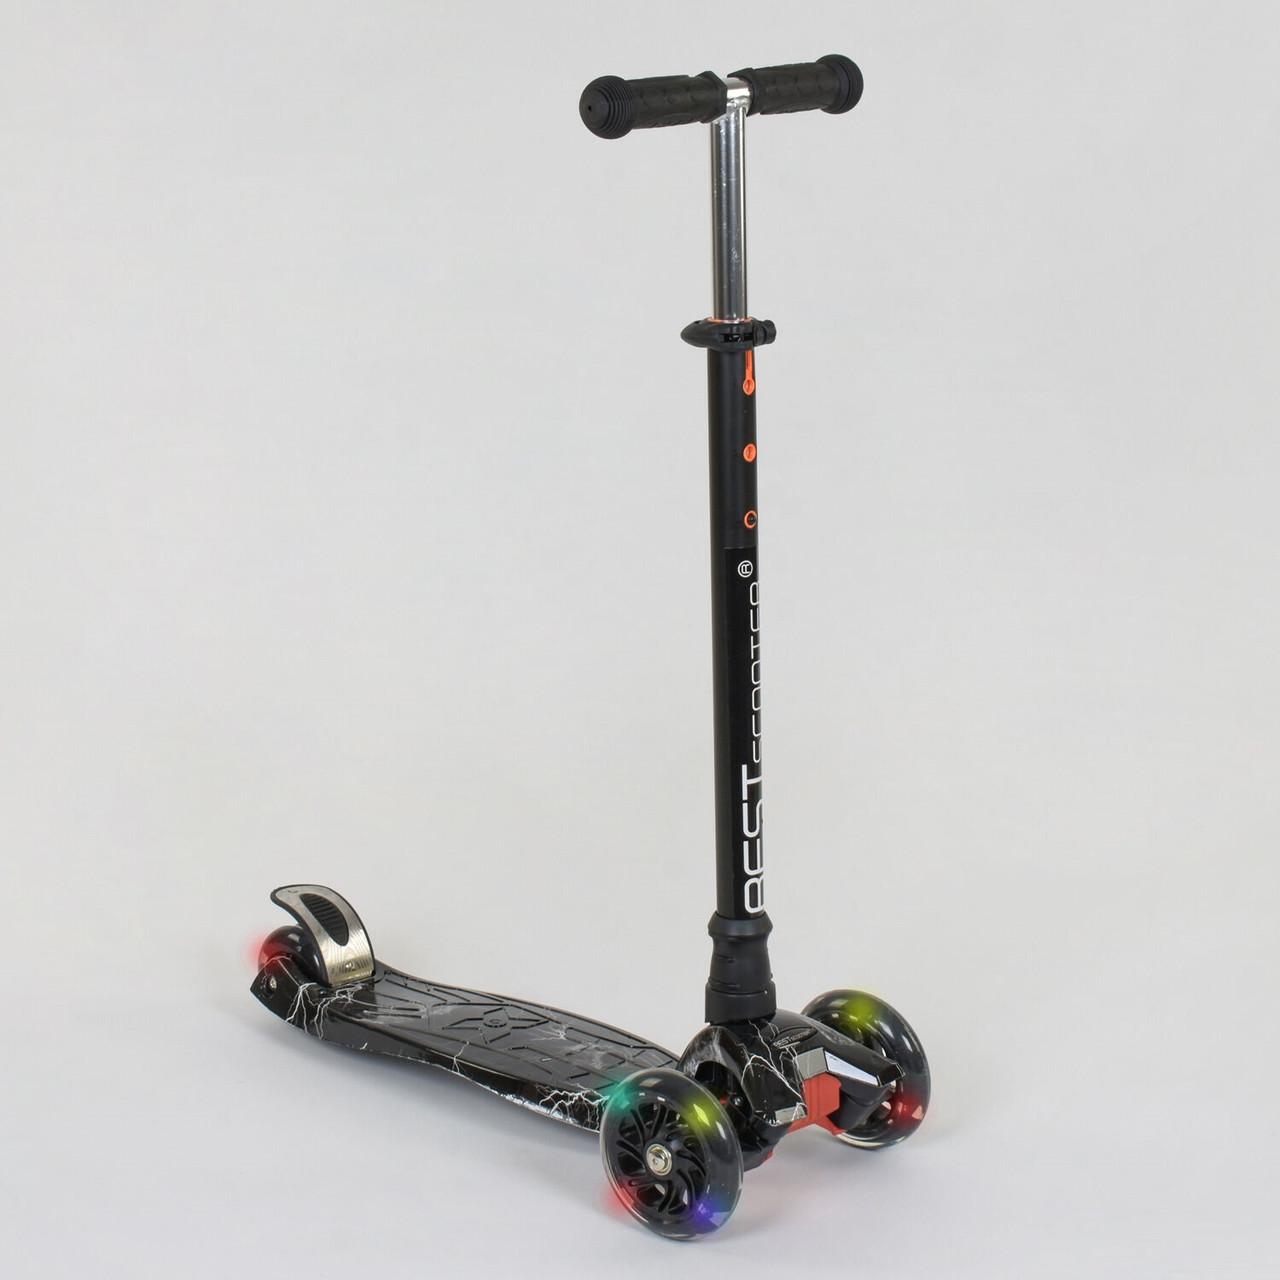 Самокат Best Scooter А 25463 /779-1318 MAXI, 4 колеса PU, свет, трубка руля алюминиевая, d=12 см